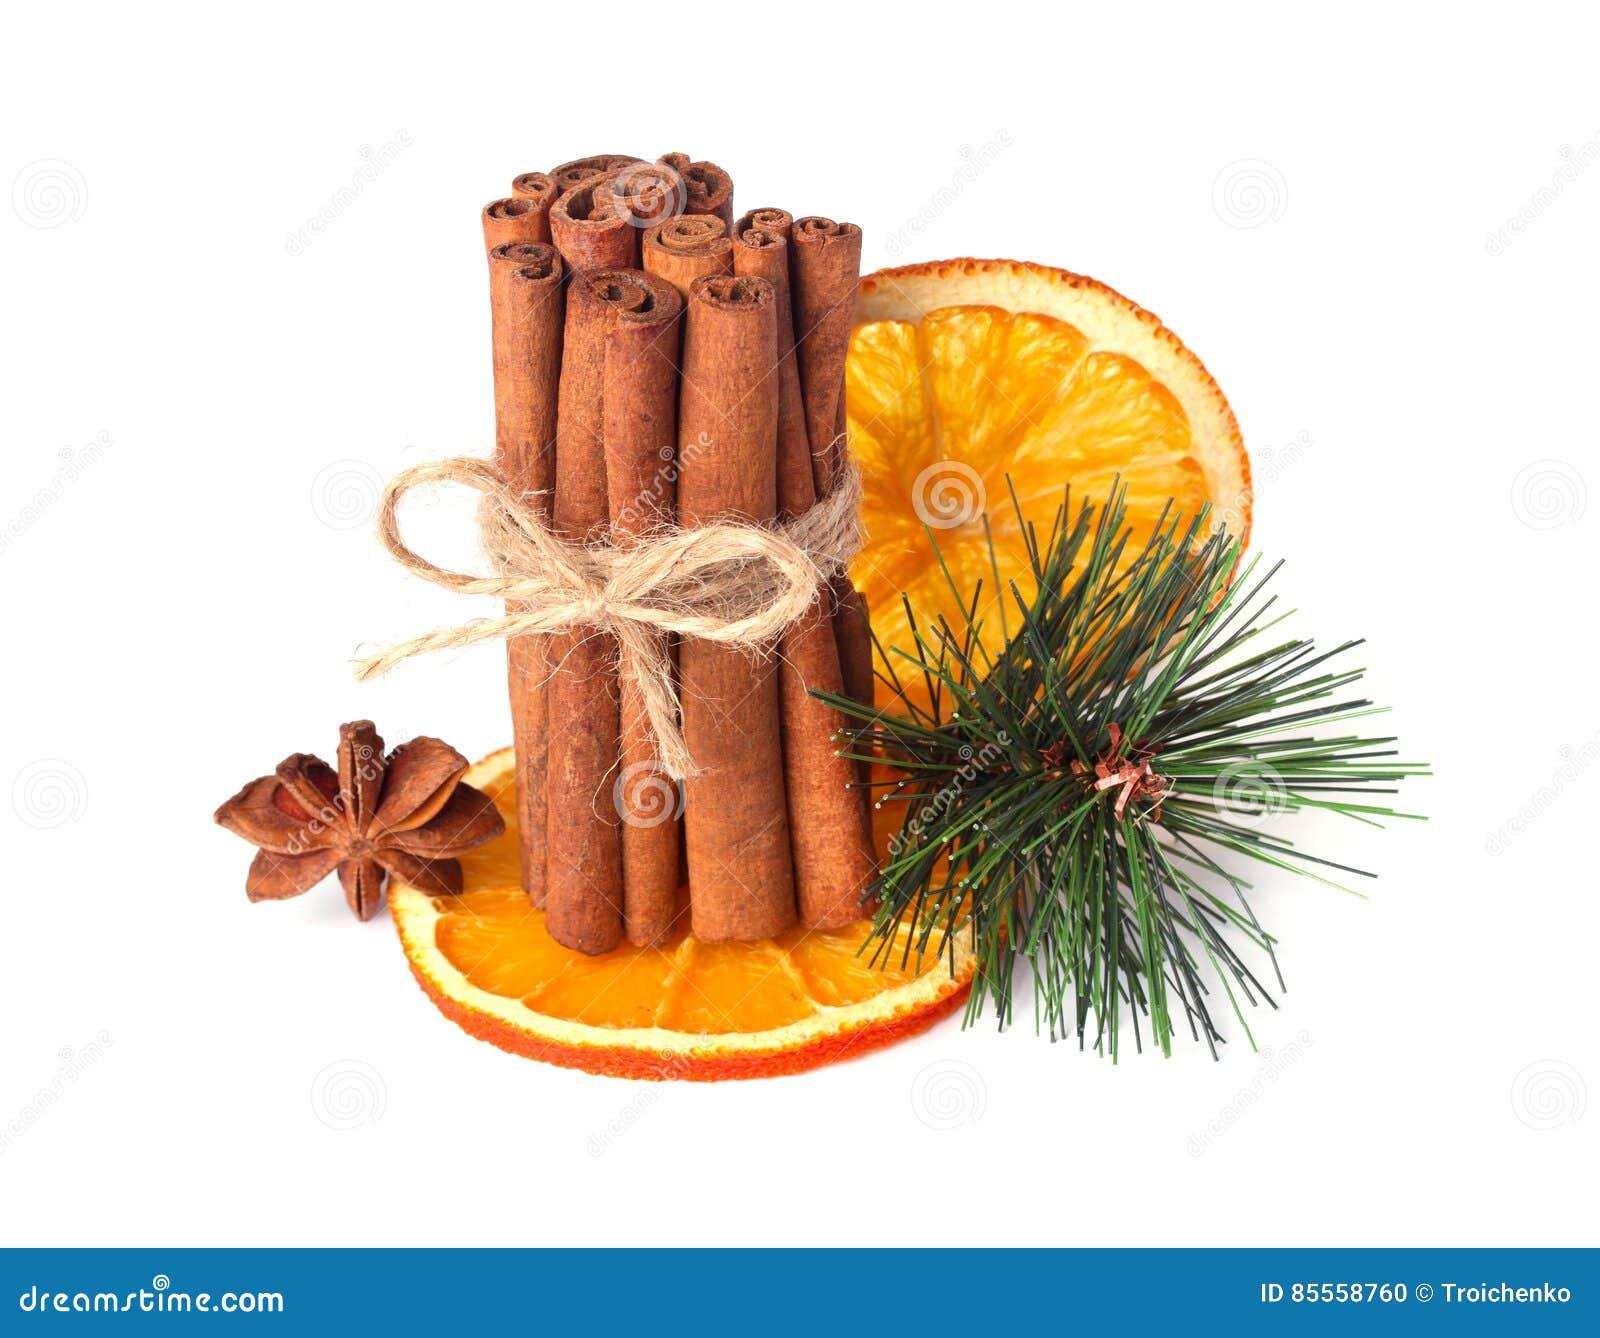 Zimtstangen, Sternanis, Nelken und getrocknete Orange mit den künstlichen gezierten Zweigen lokalisiert auf Weiß